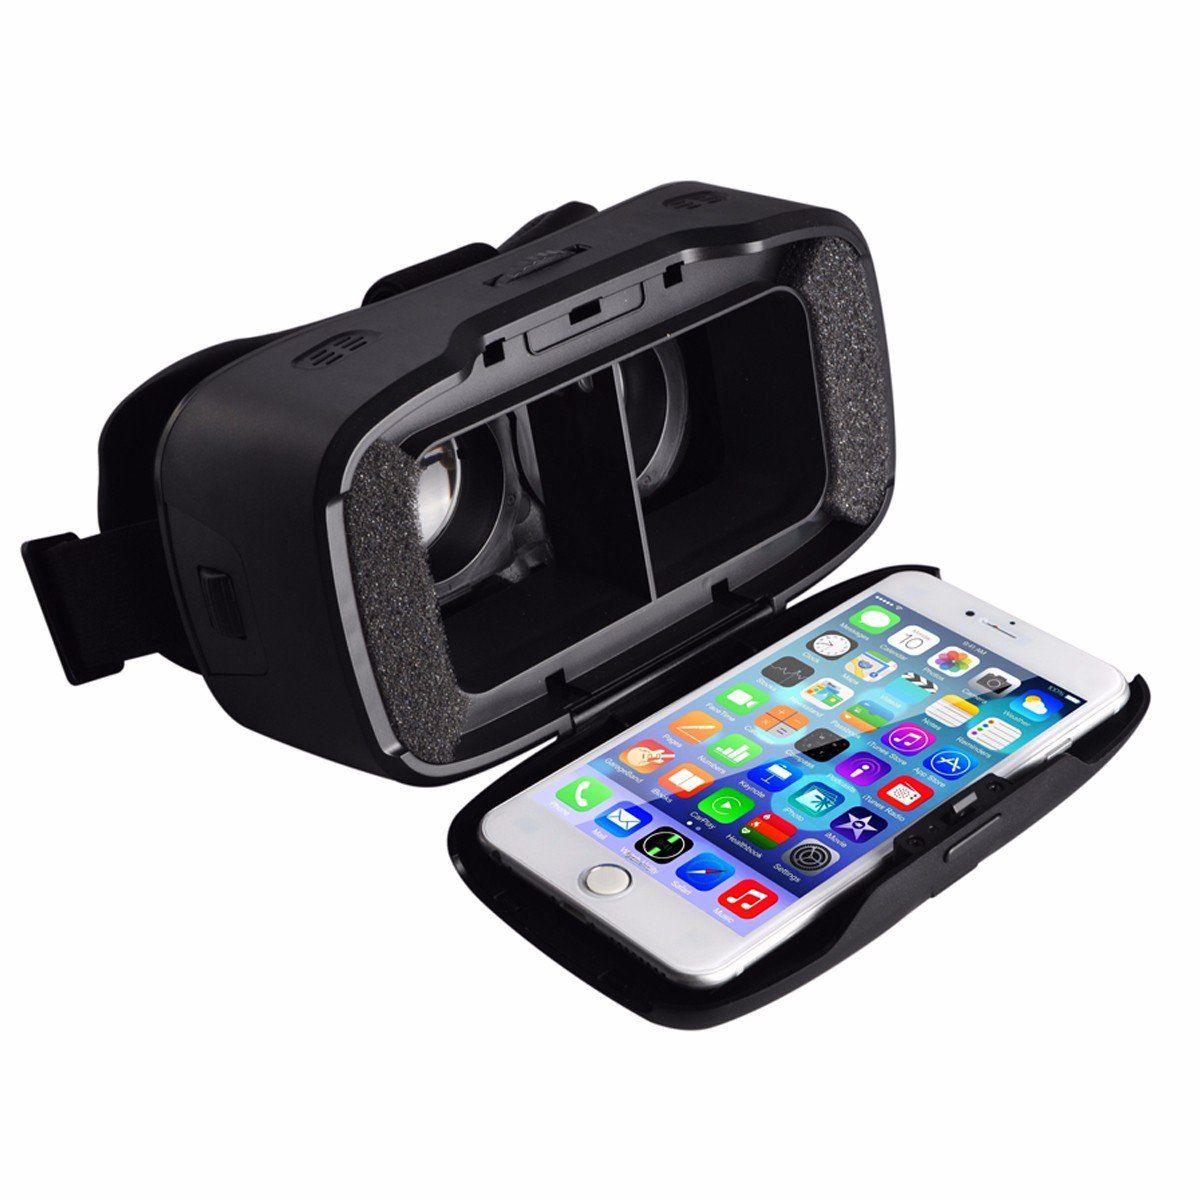 3D VR GlassesELEGIANT Smart Virtual Reality Headset